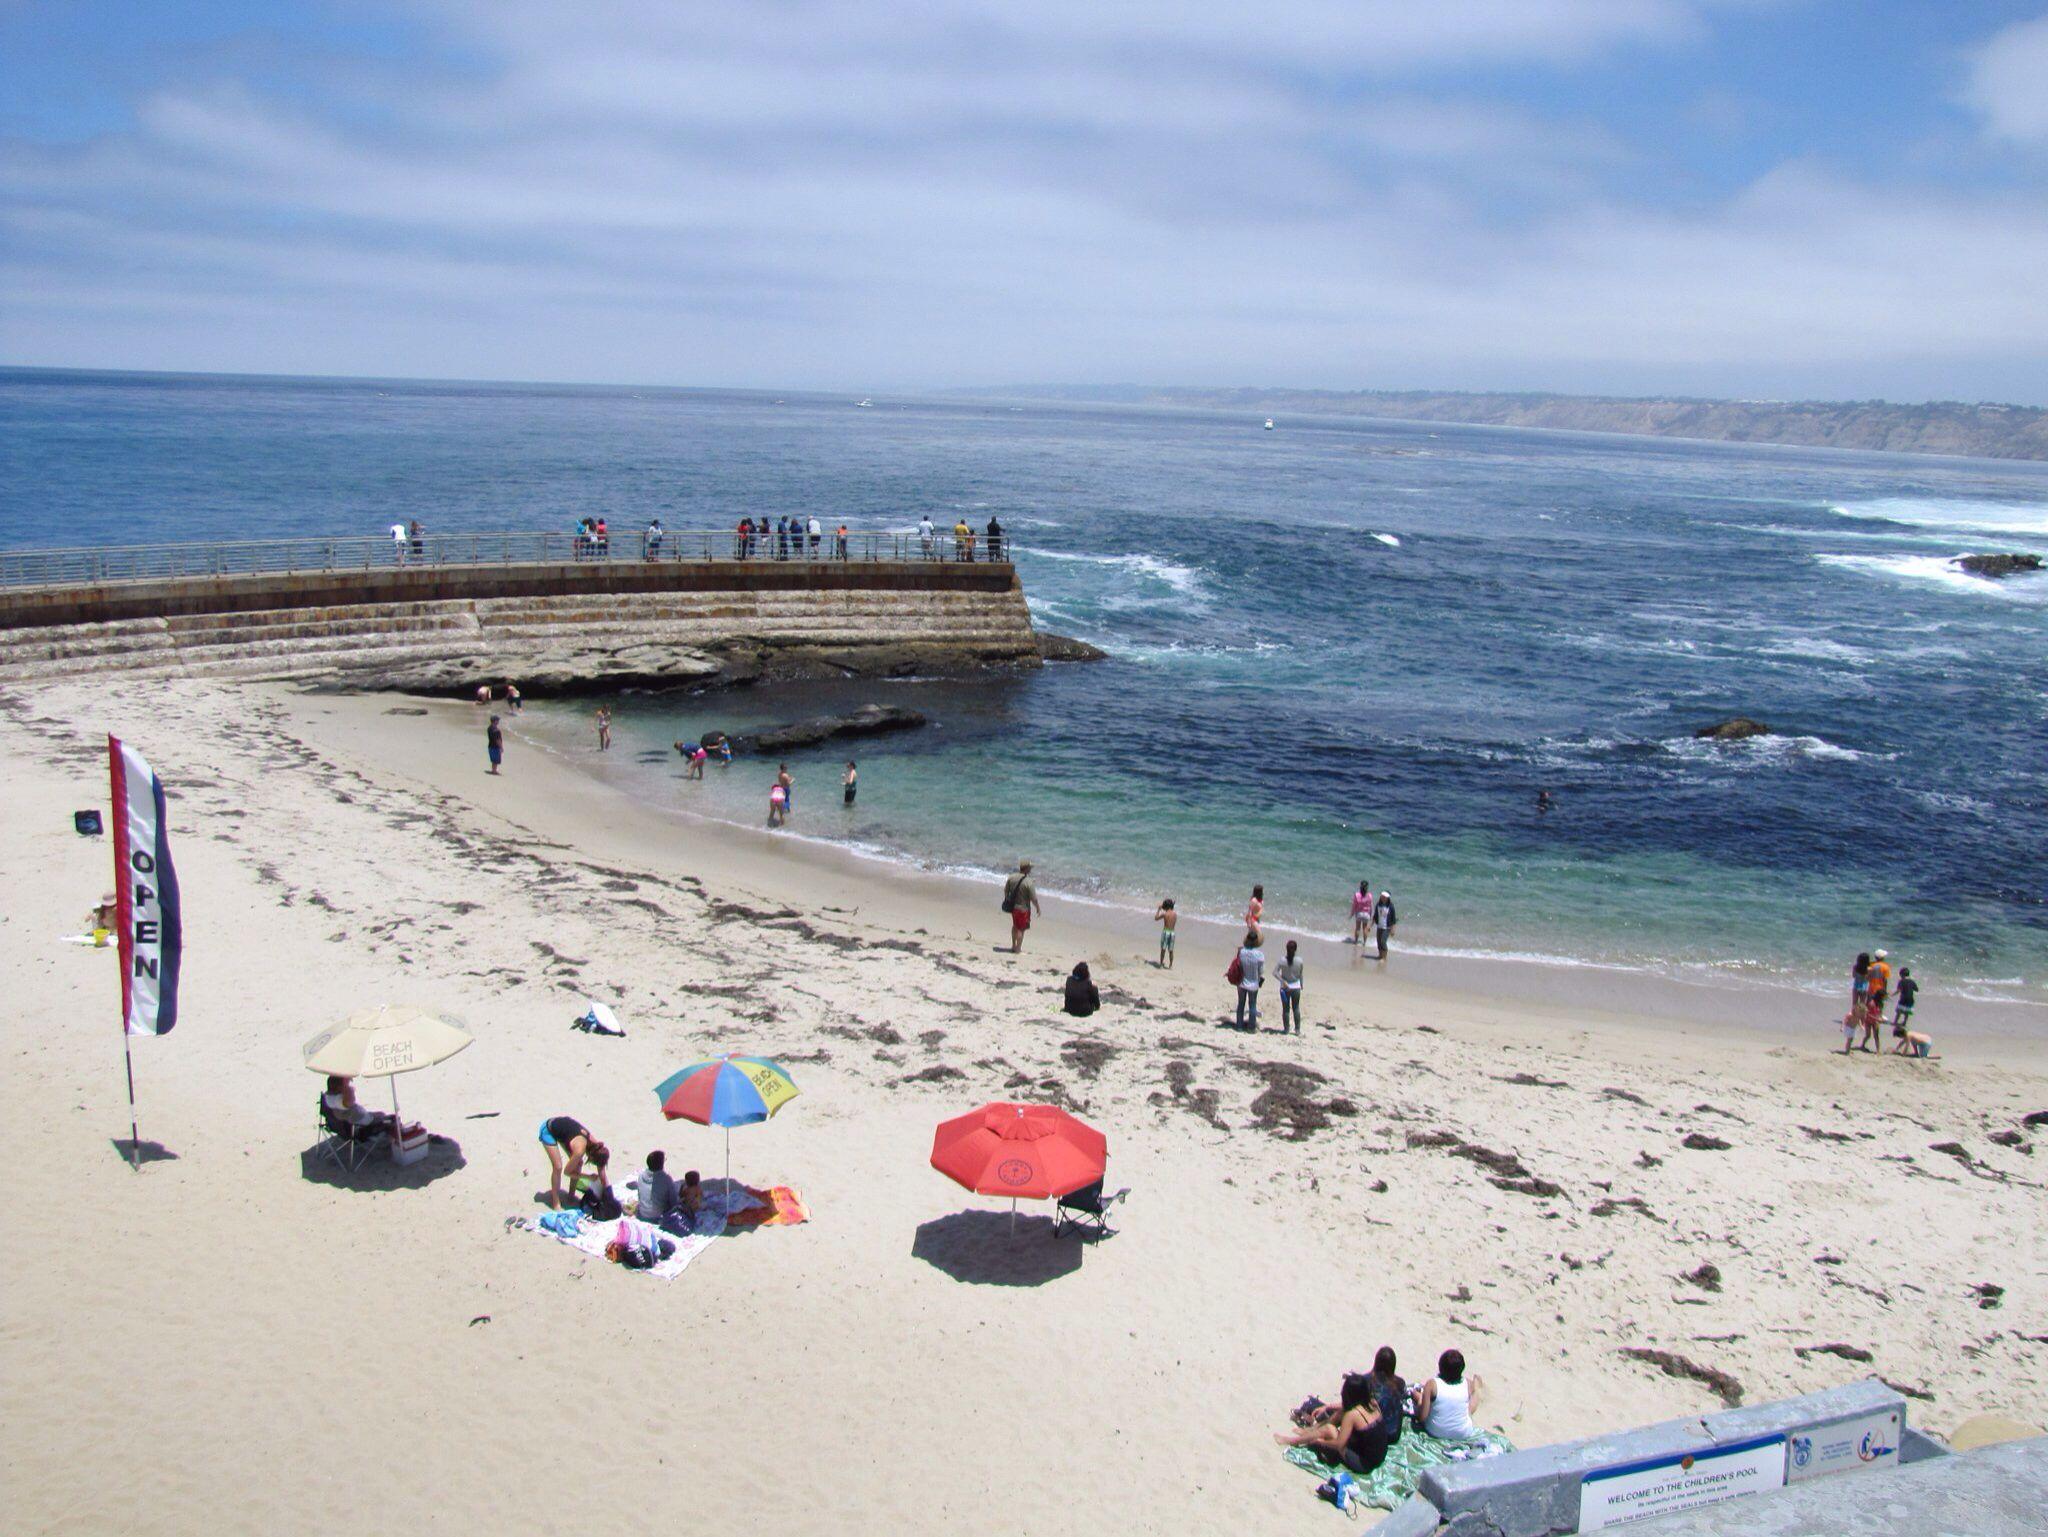 Seal Beach La Jolla, Ca | La Jolla, Ca | Pinterest | La jolla, Seals ...